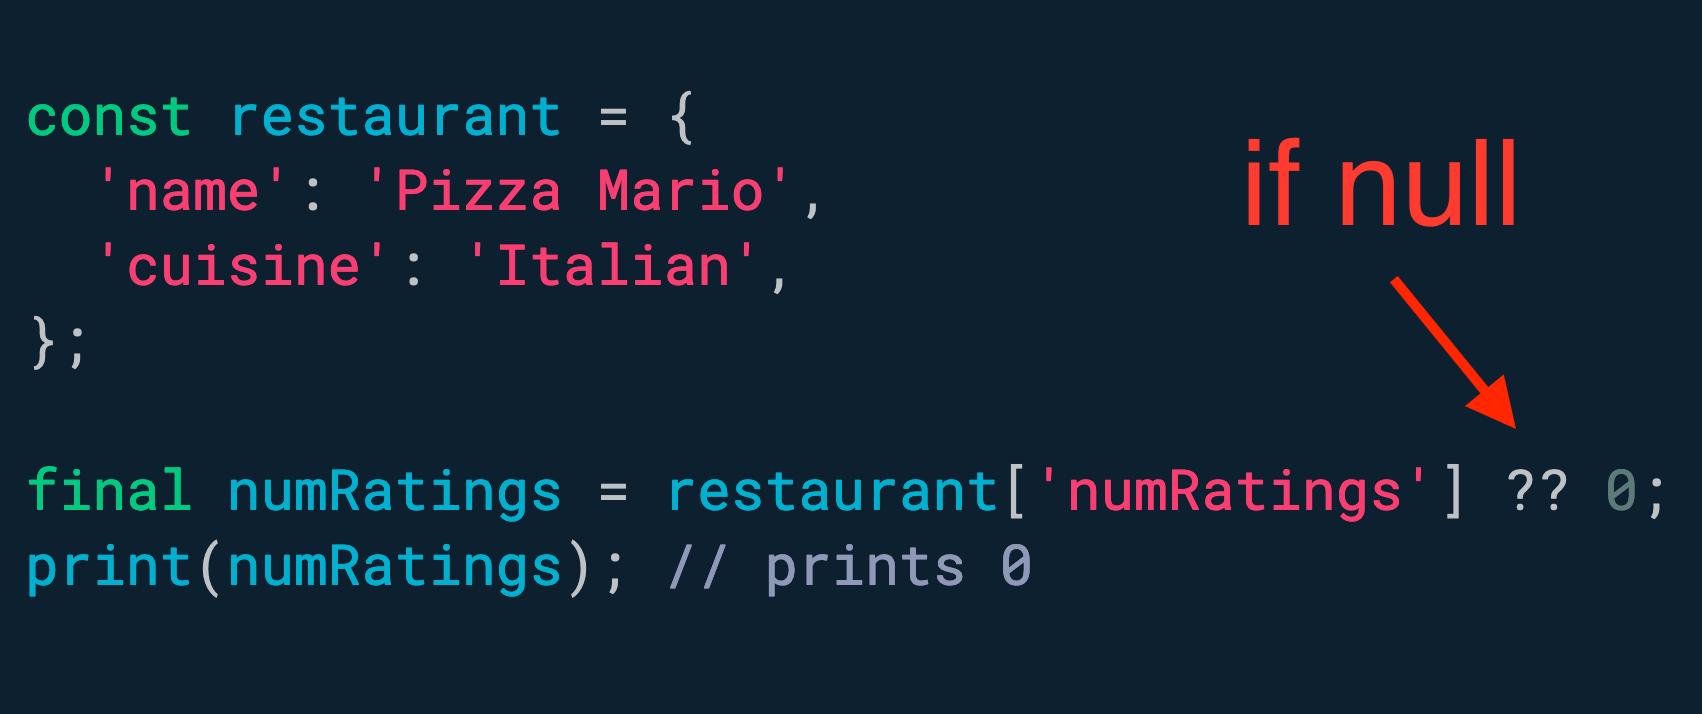 使用 if-null 运算符为空值提供后备。